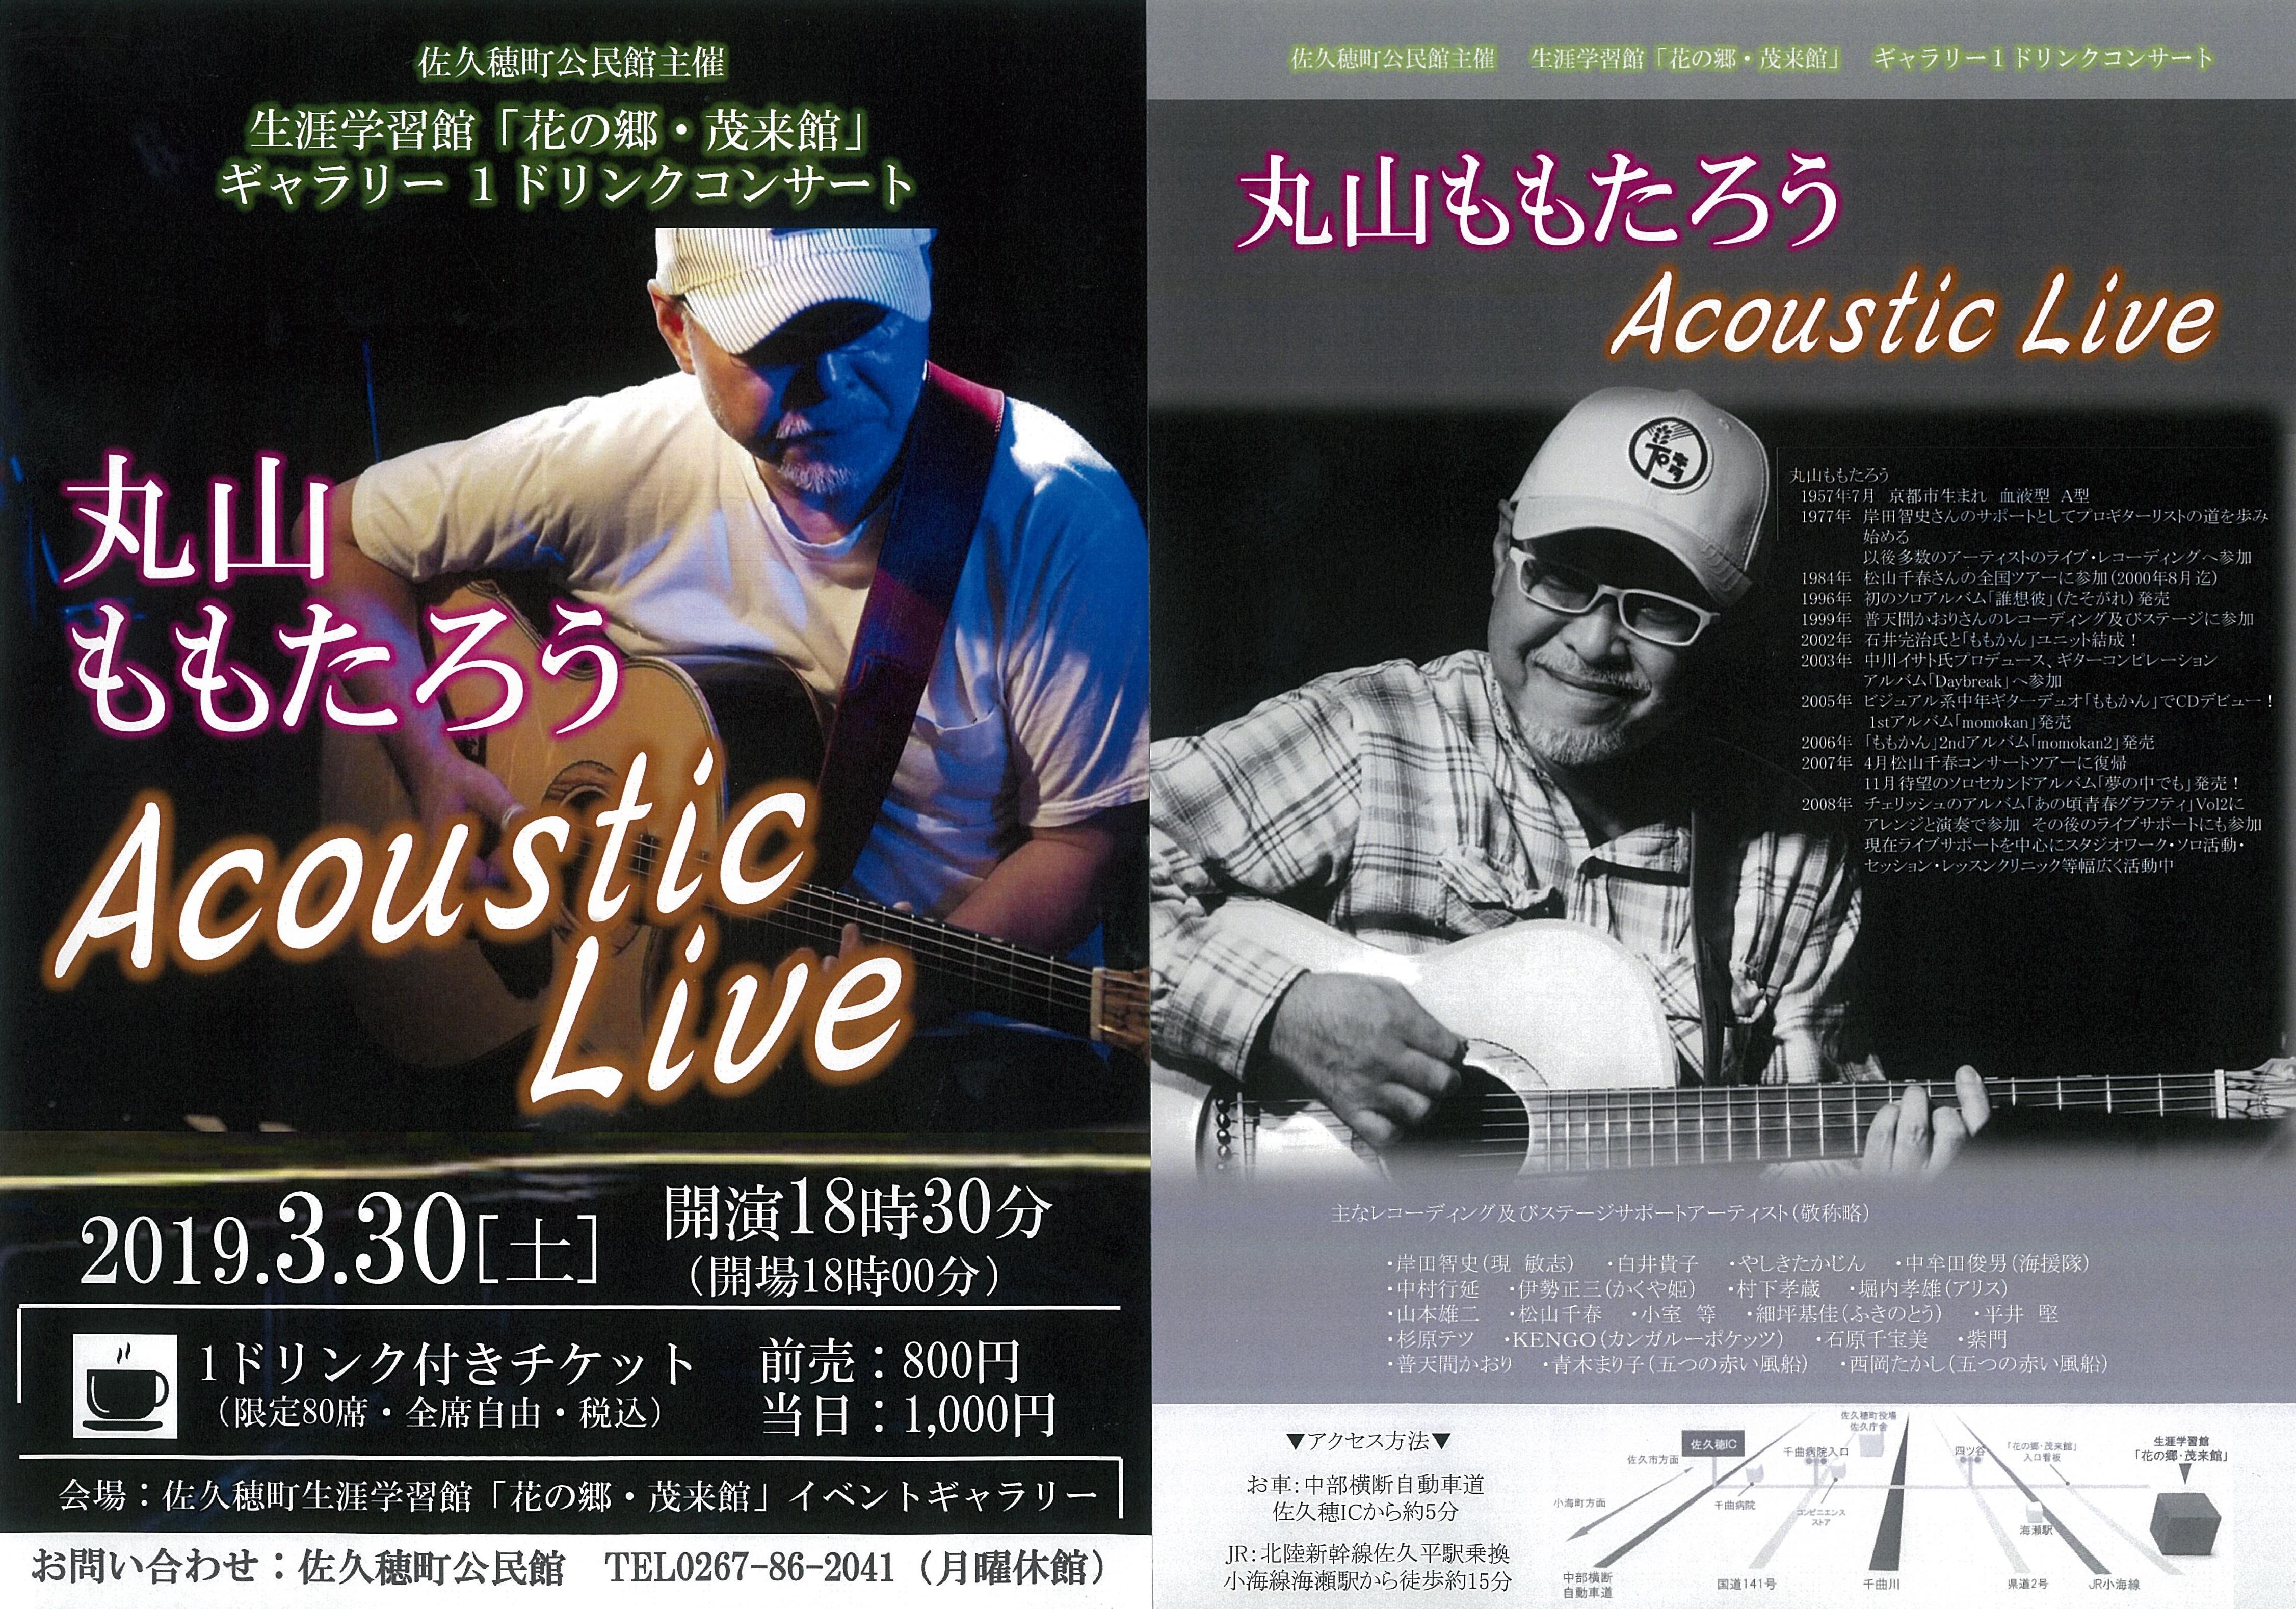 生涯学習館「花の郷・茂来館」ギャラリー1ドリンクコンサート 『丸山ももたろう Acoustic Live』開催のお知らせ